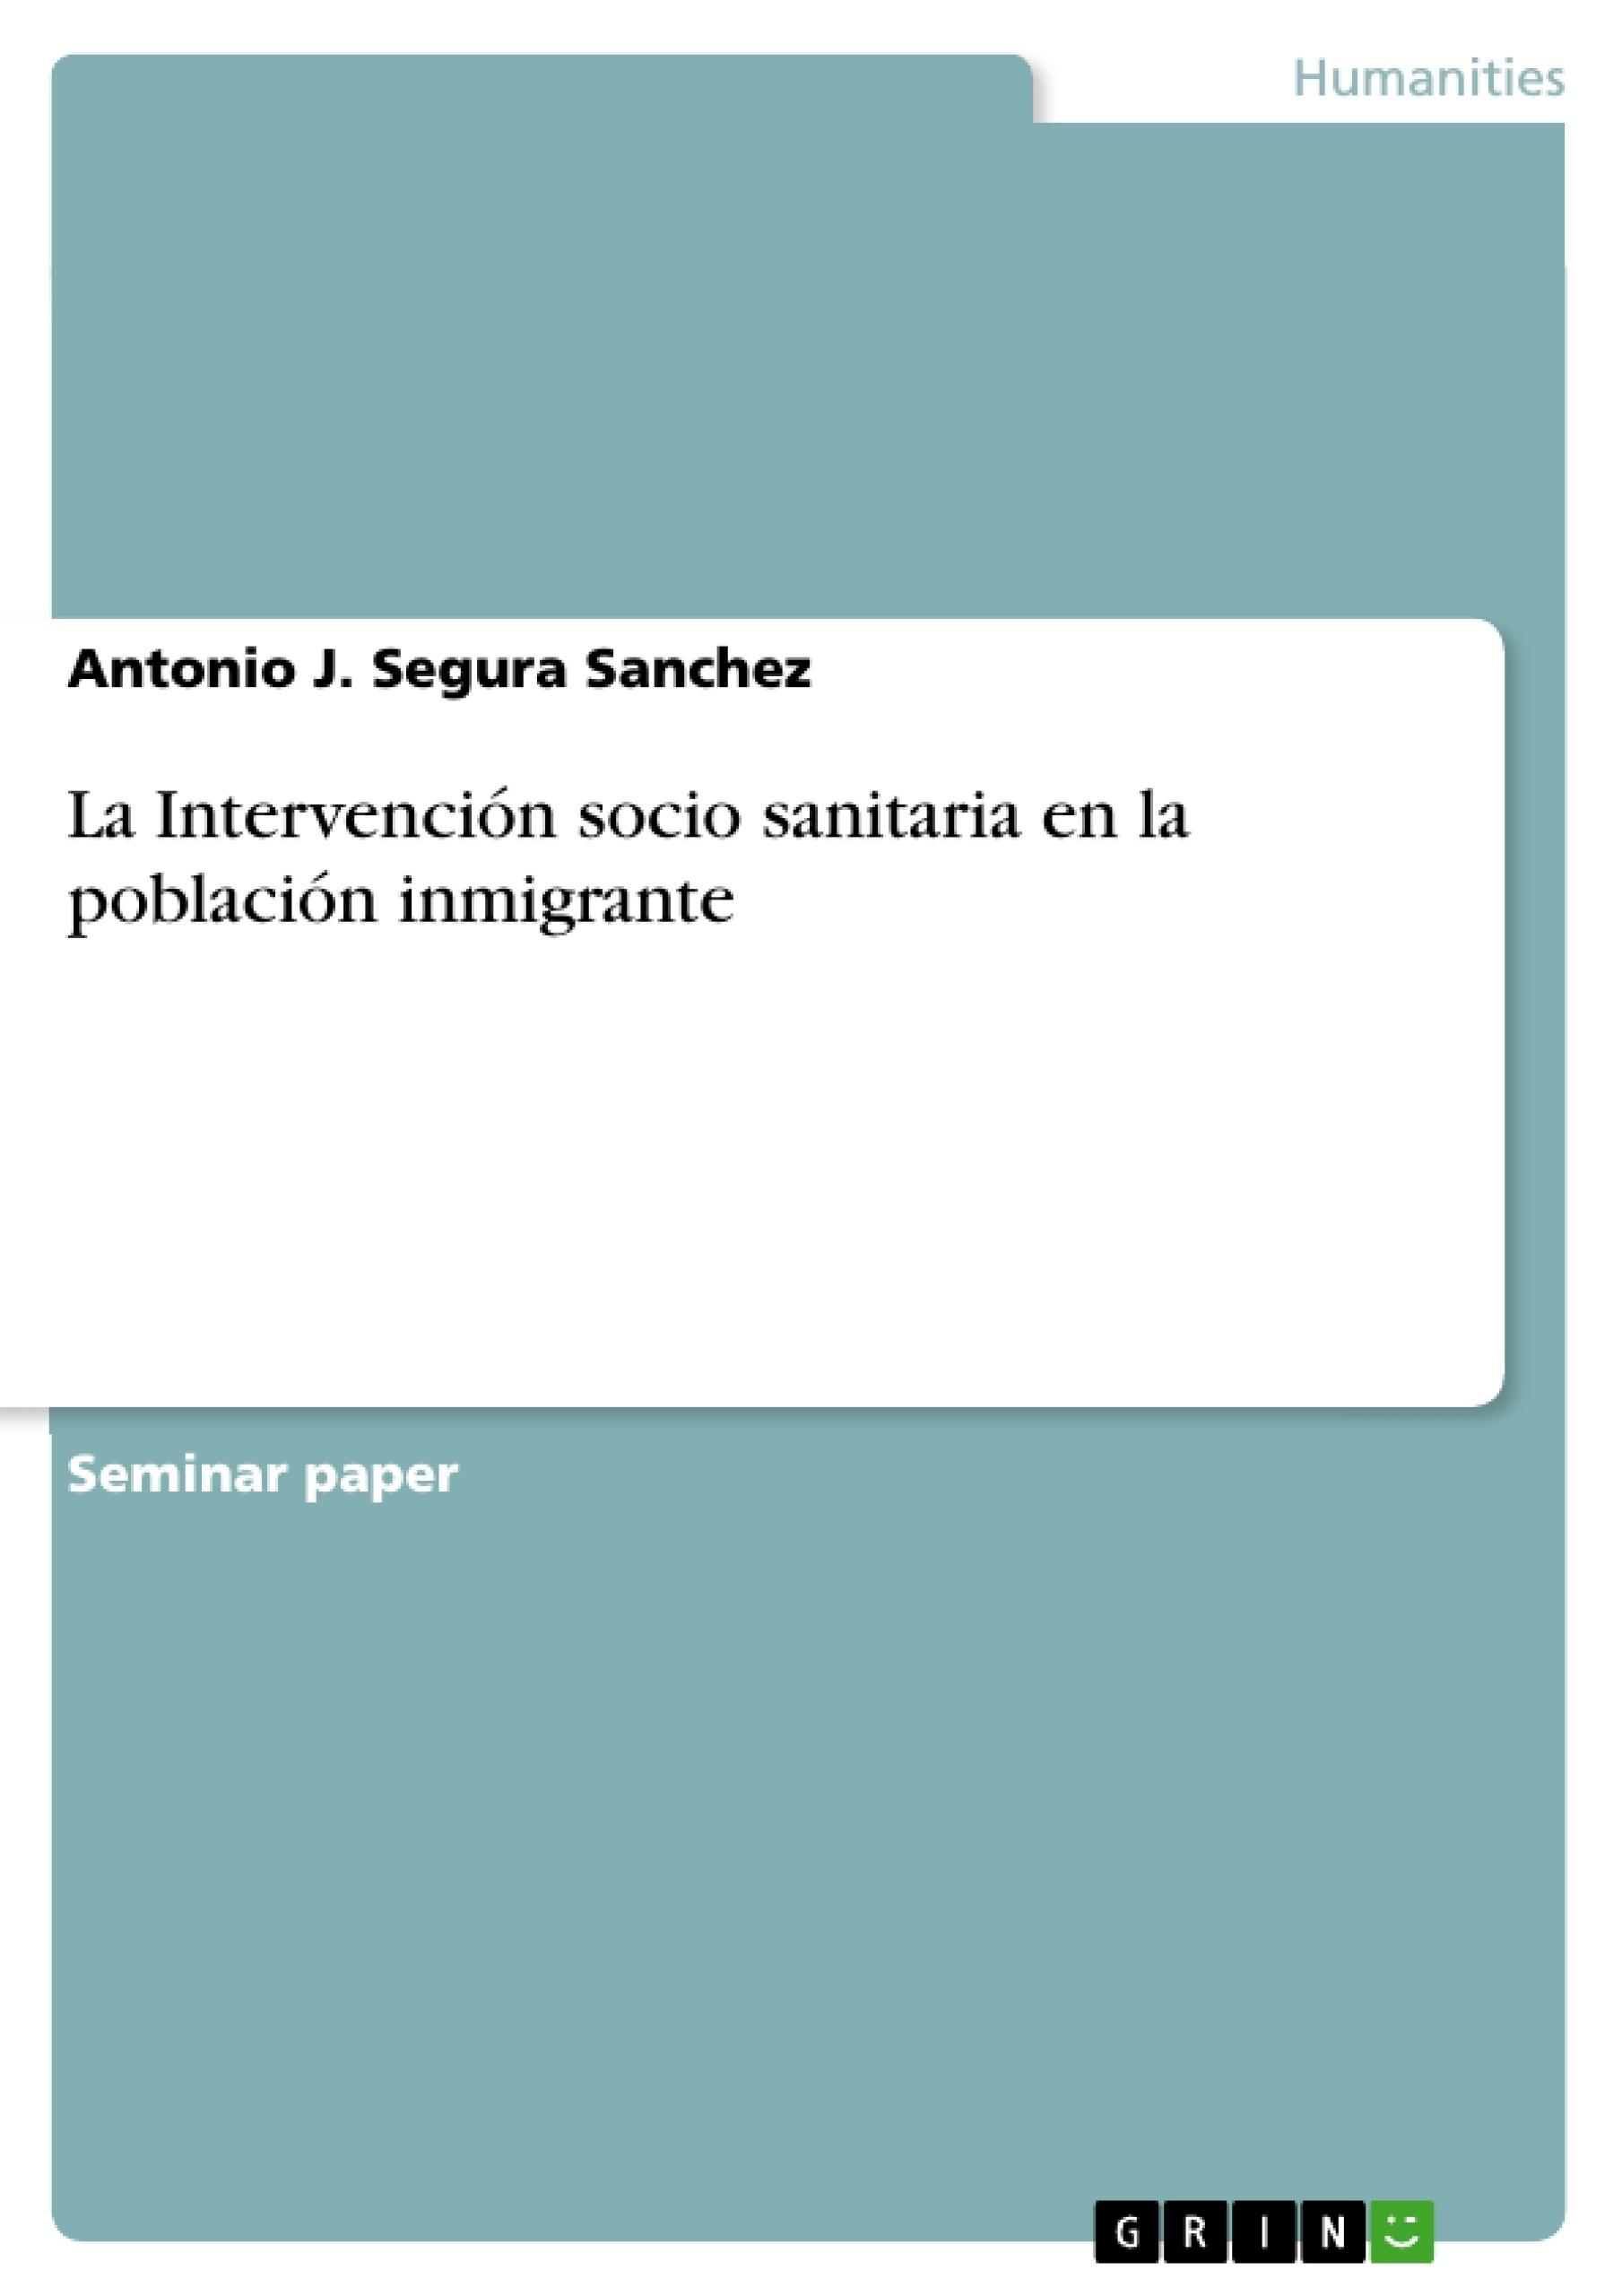 Título: La Intervención socio sanitaria en la población inmigrante